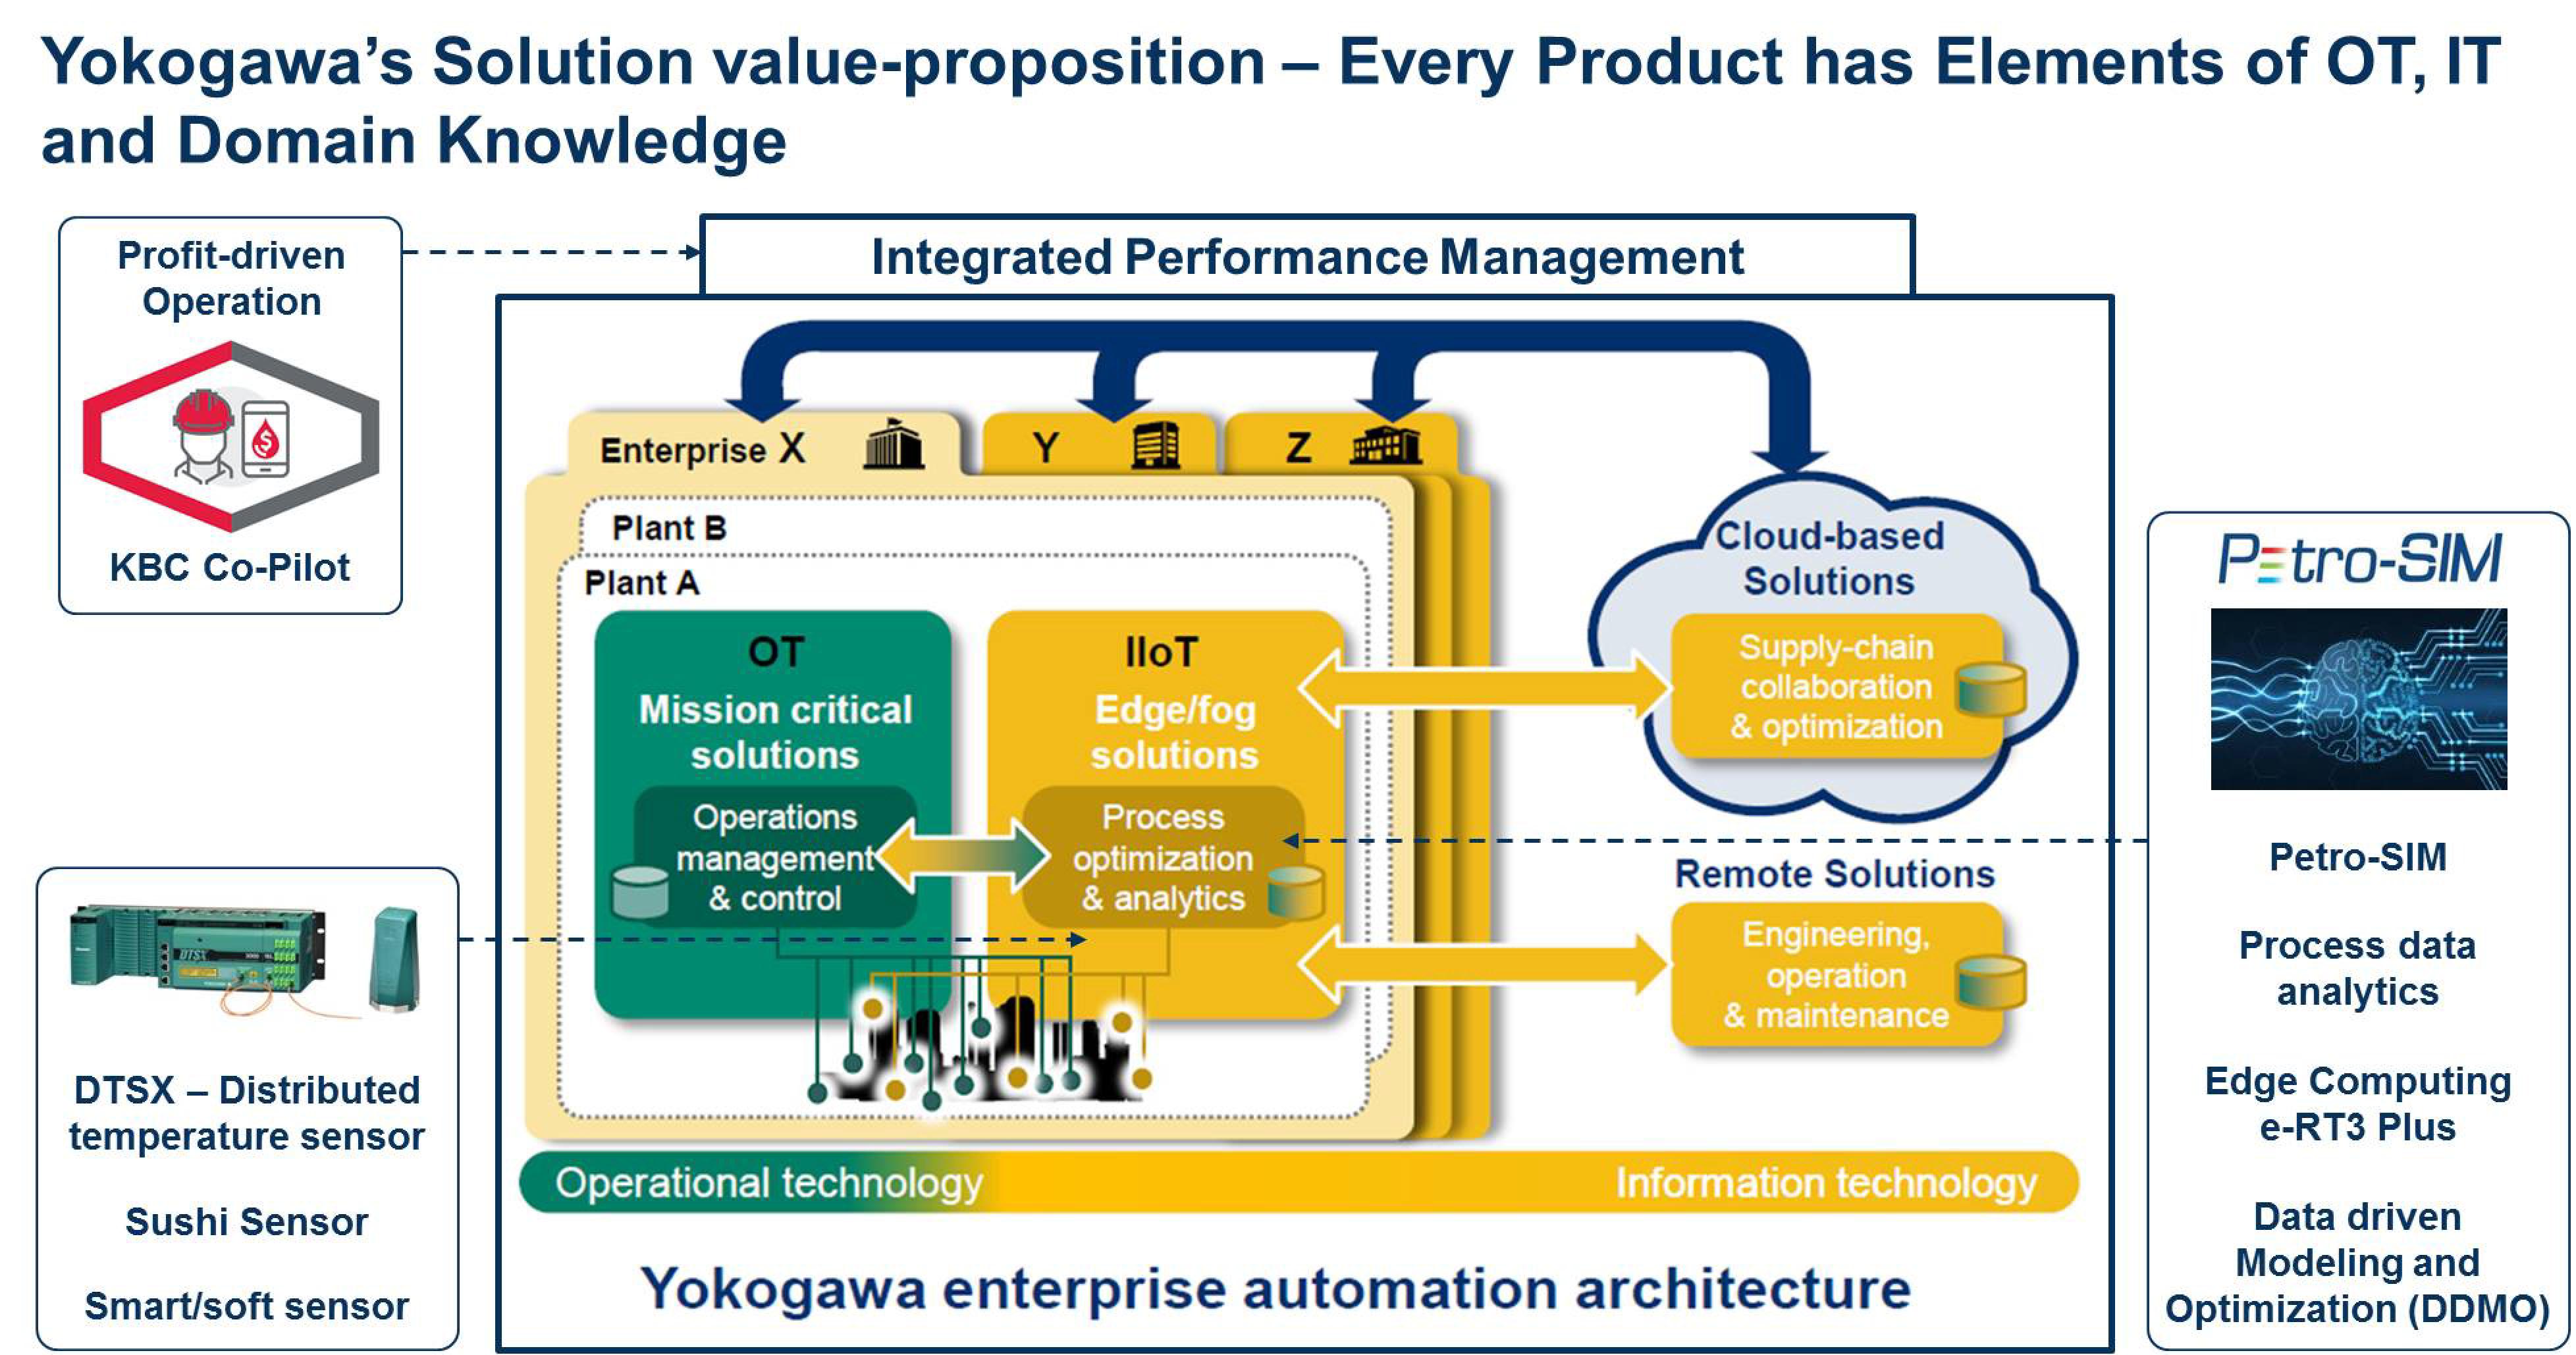 Profit-driven Operation | Yokogawa America